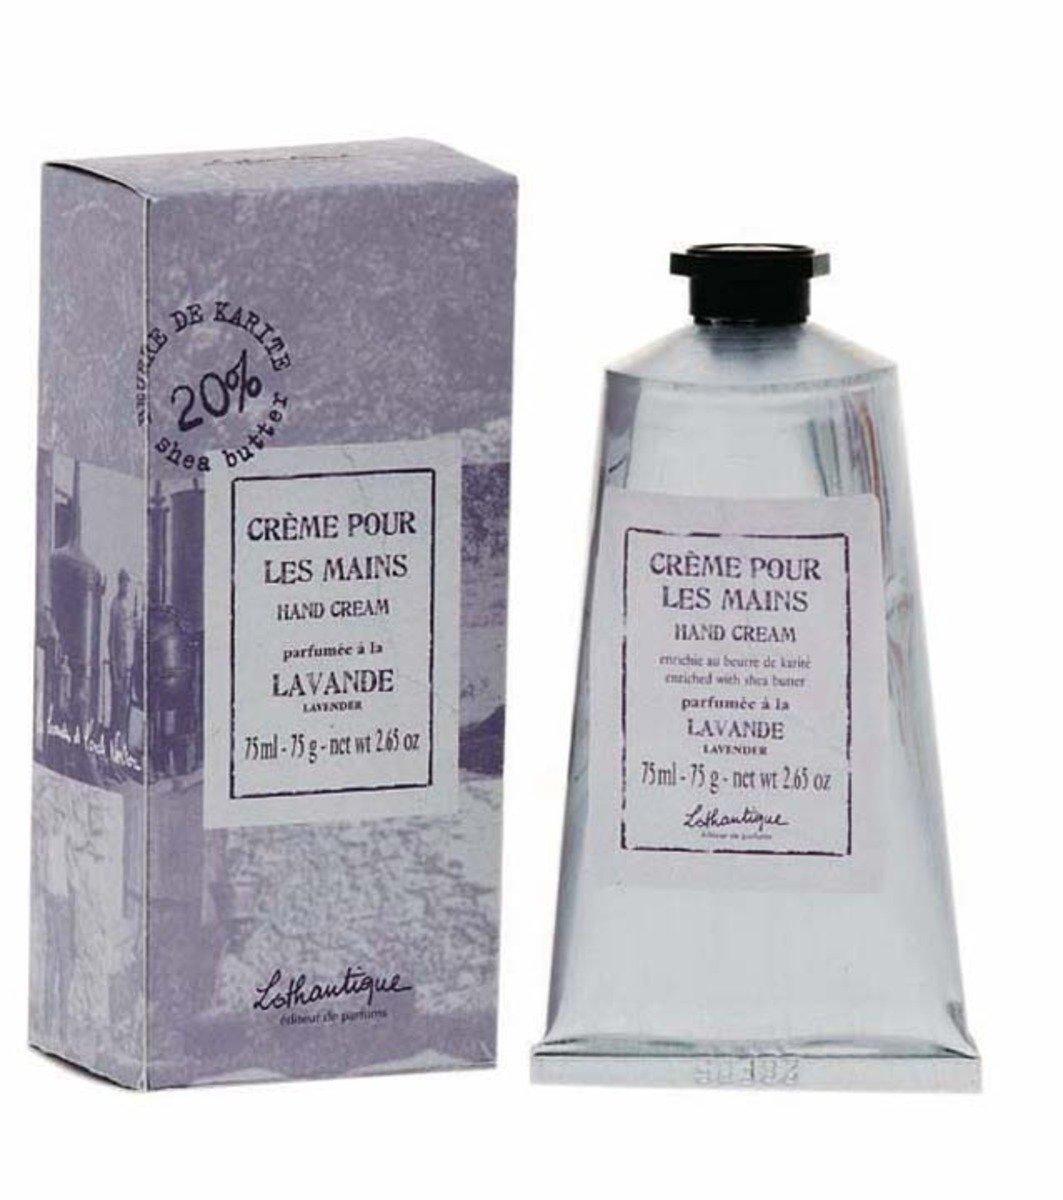 法國蘿朵蒂克潤手霜 - 薰衣草  75ml